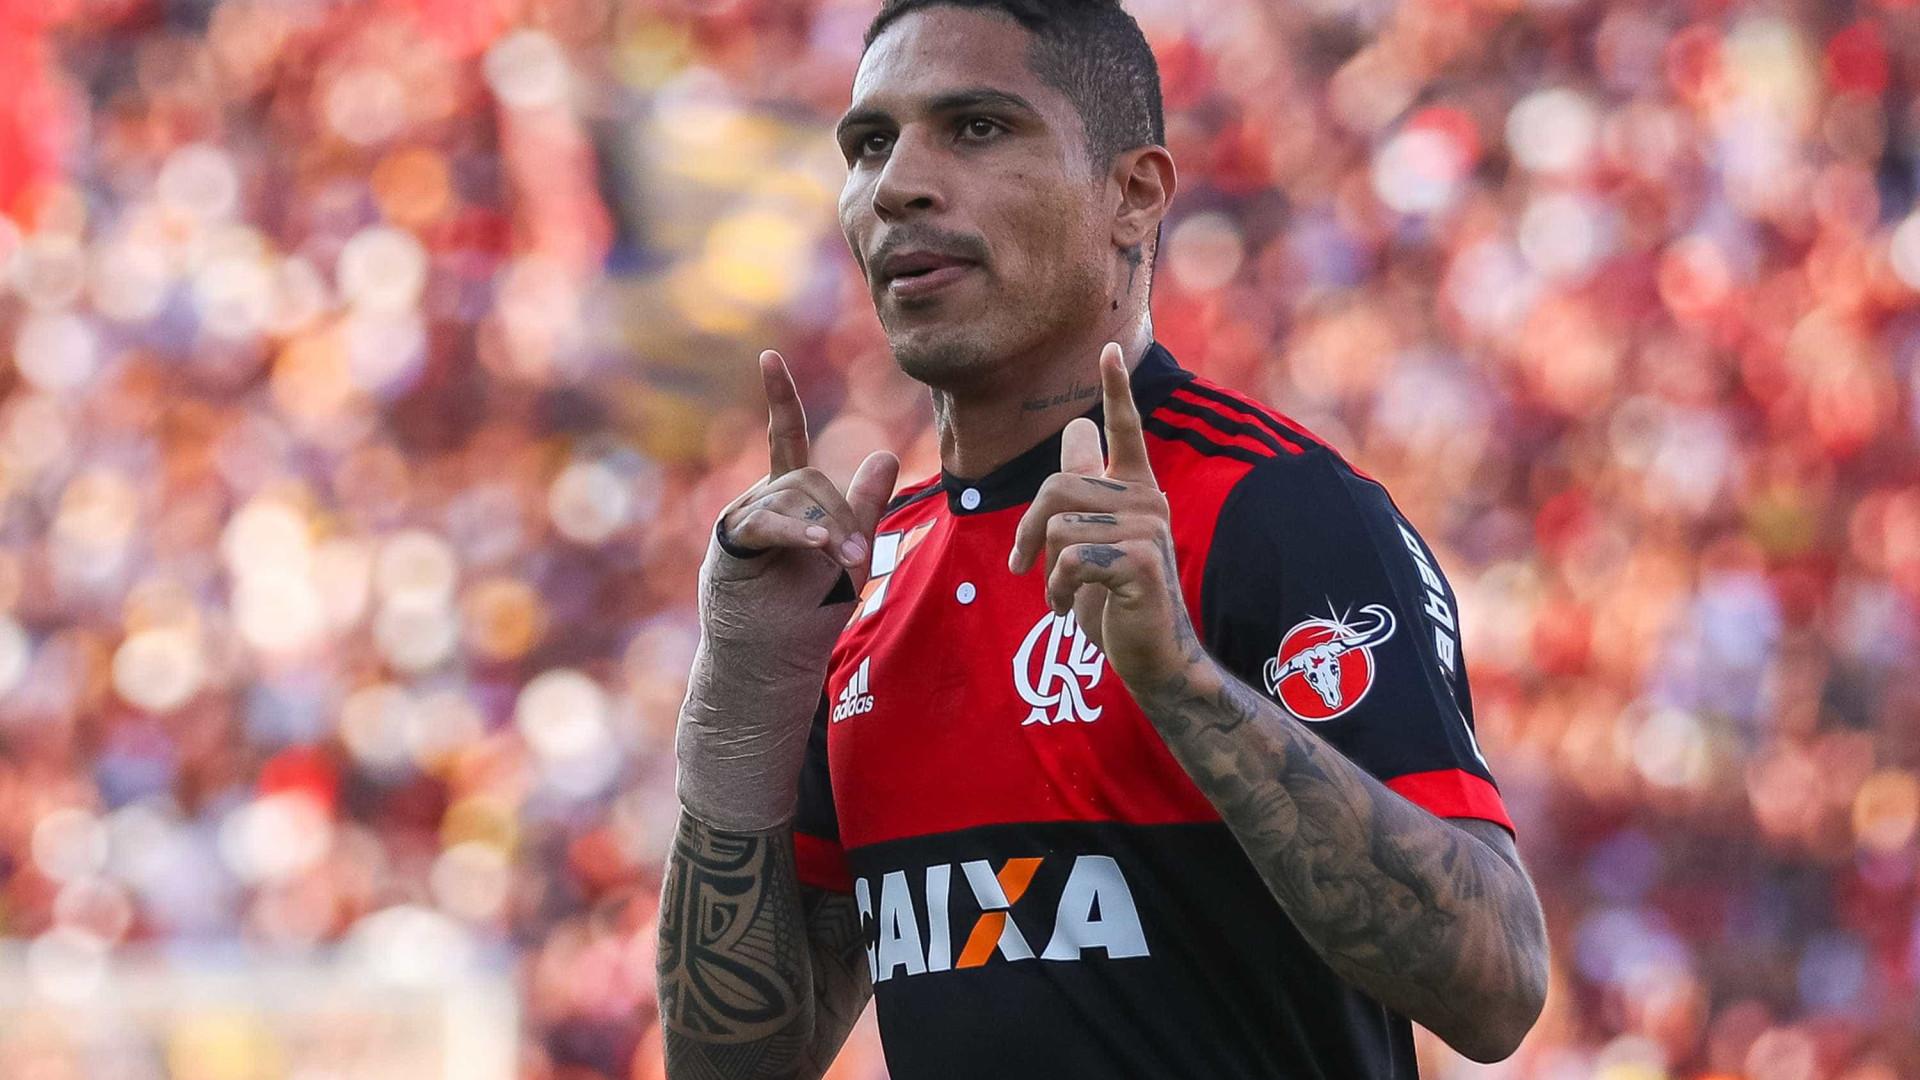 Imprensa argentina acusa doping de Guerrero; clube aguarda notificação